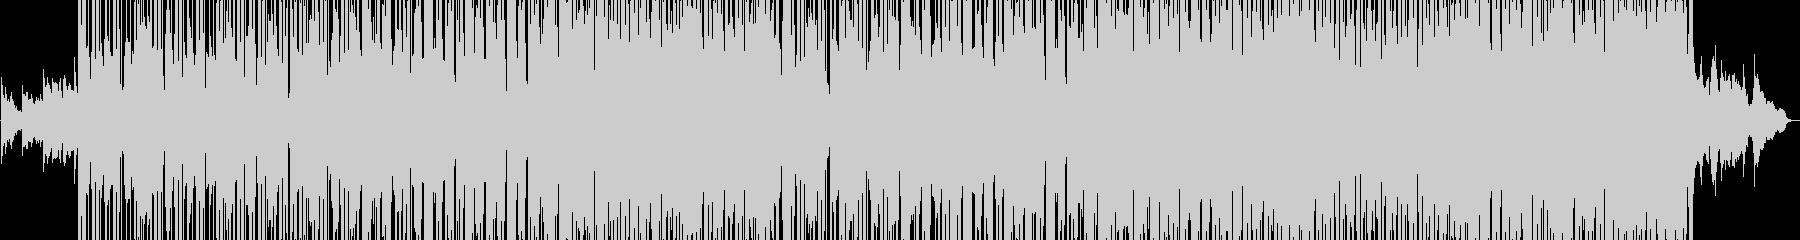 R&B風ポップバラードの未再生の波形